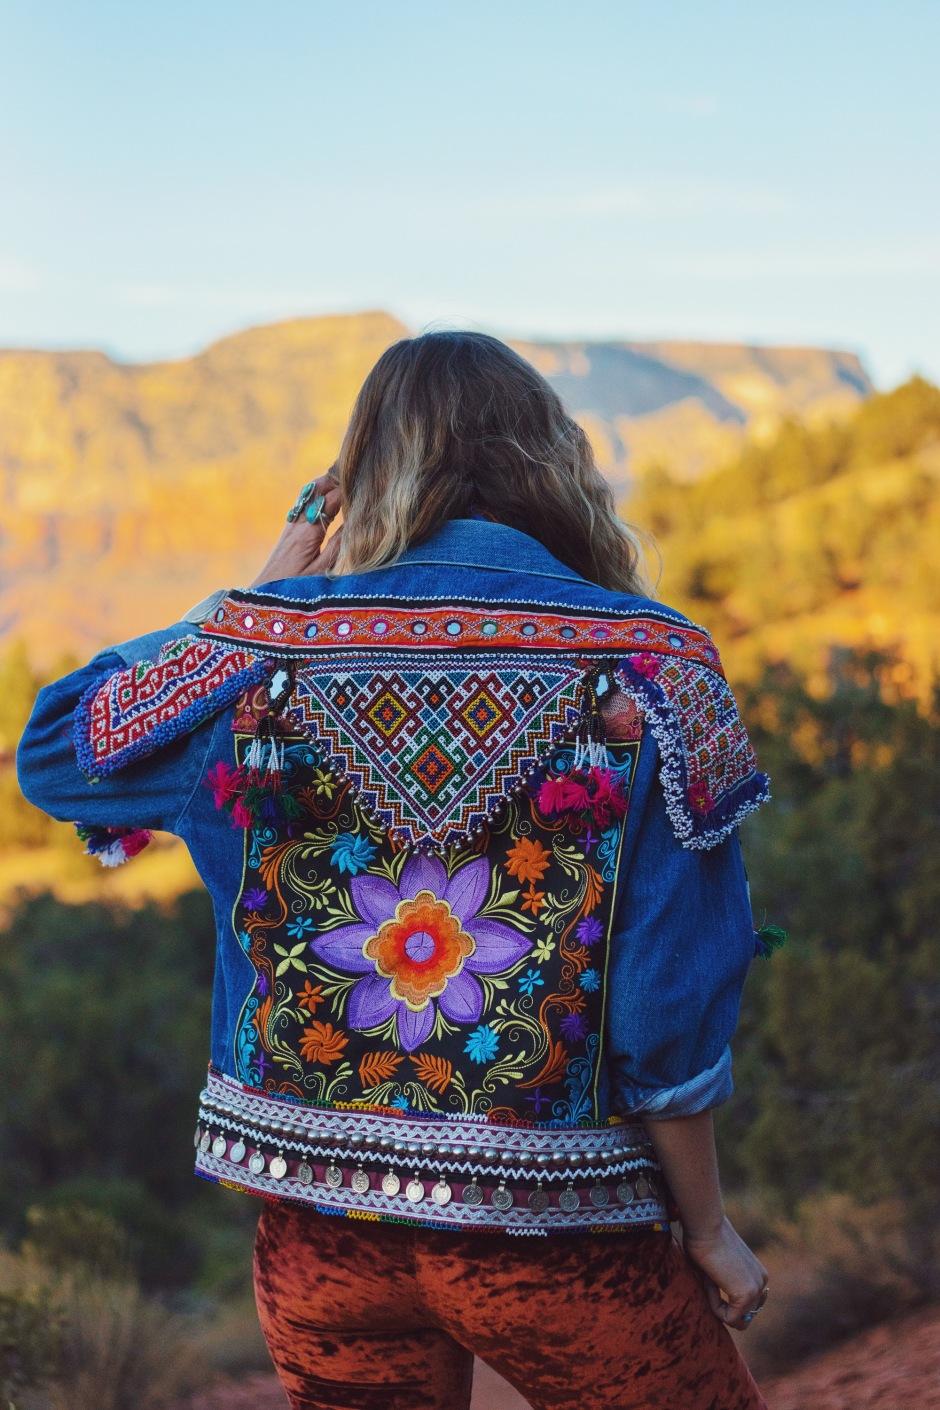 wildandfreejewelry, embellished denim, boho boho blogger